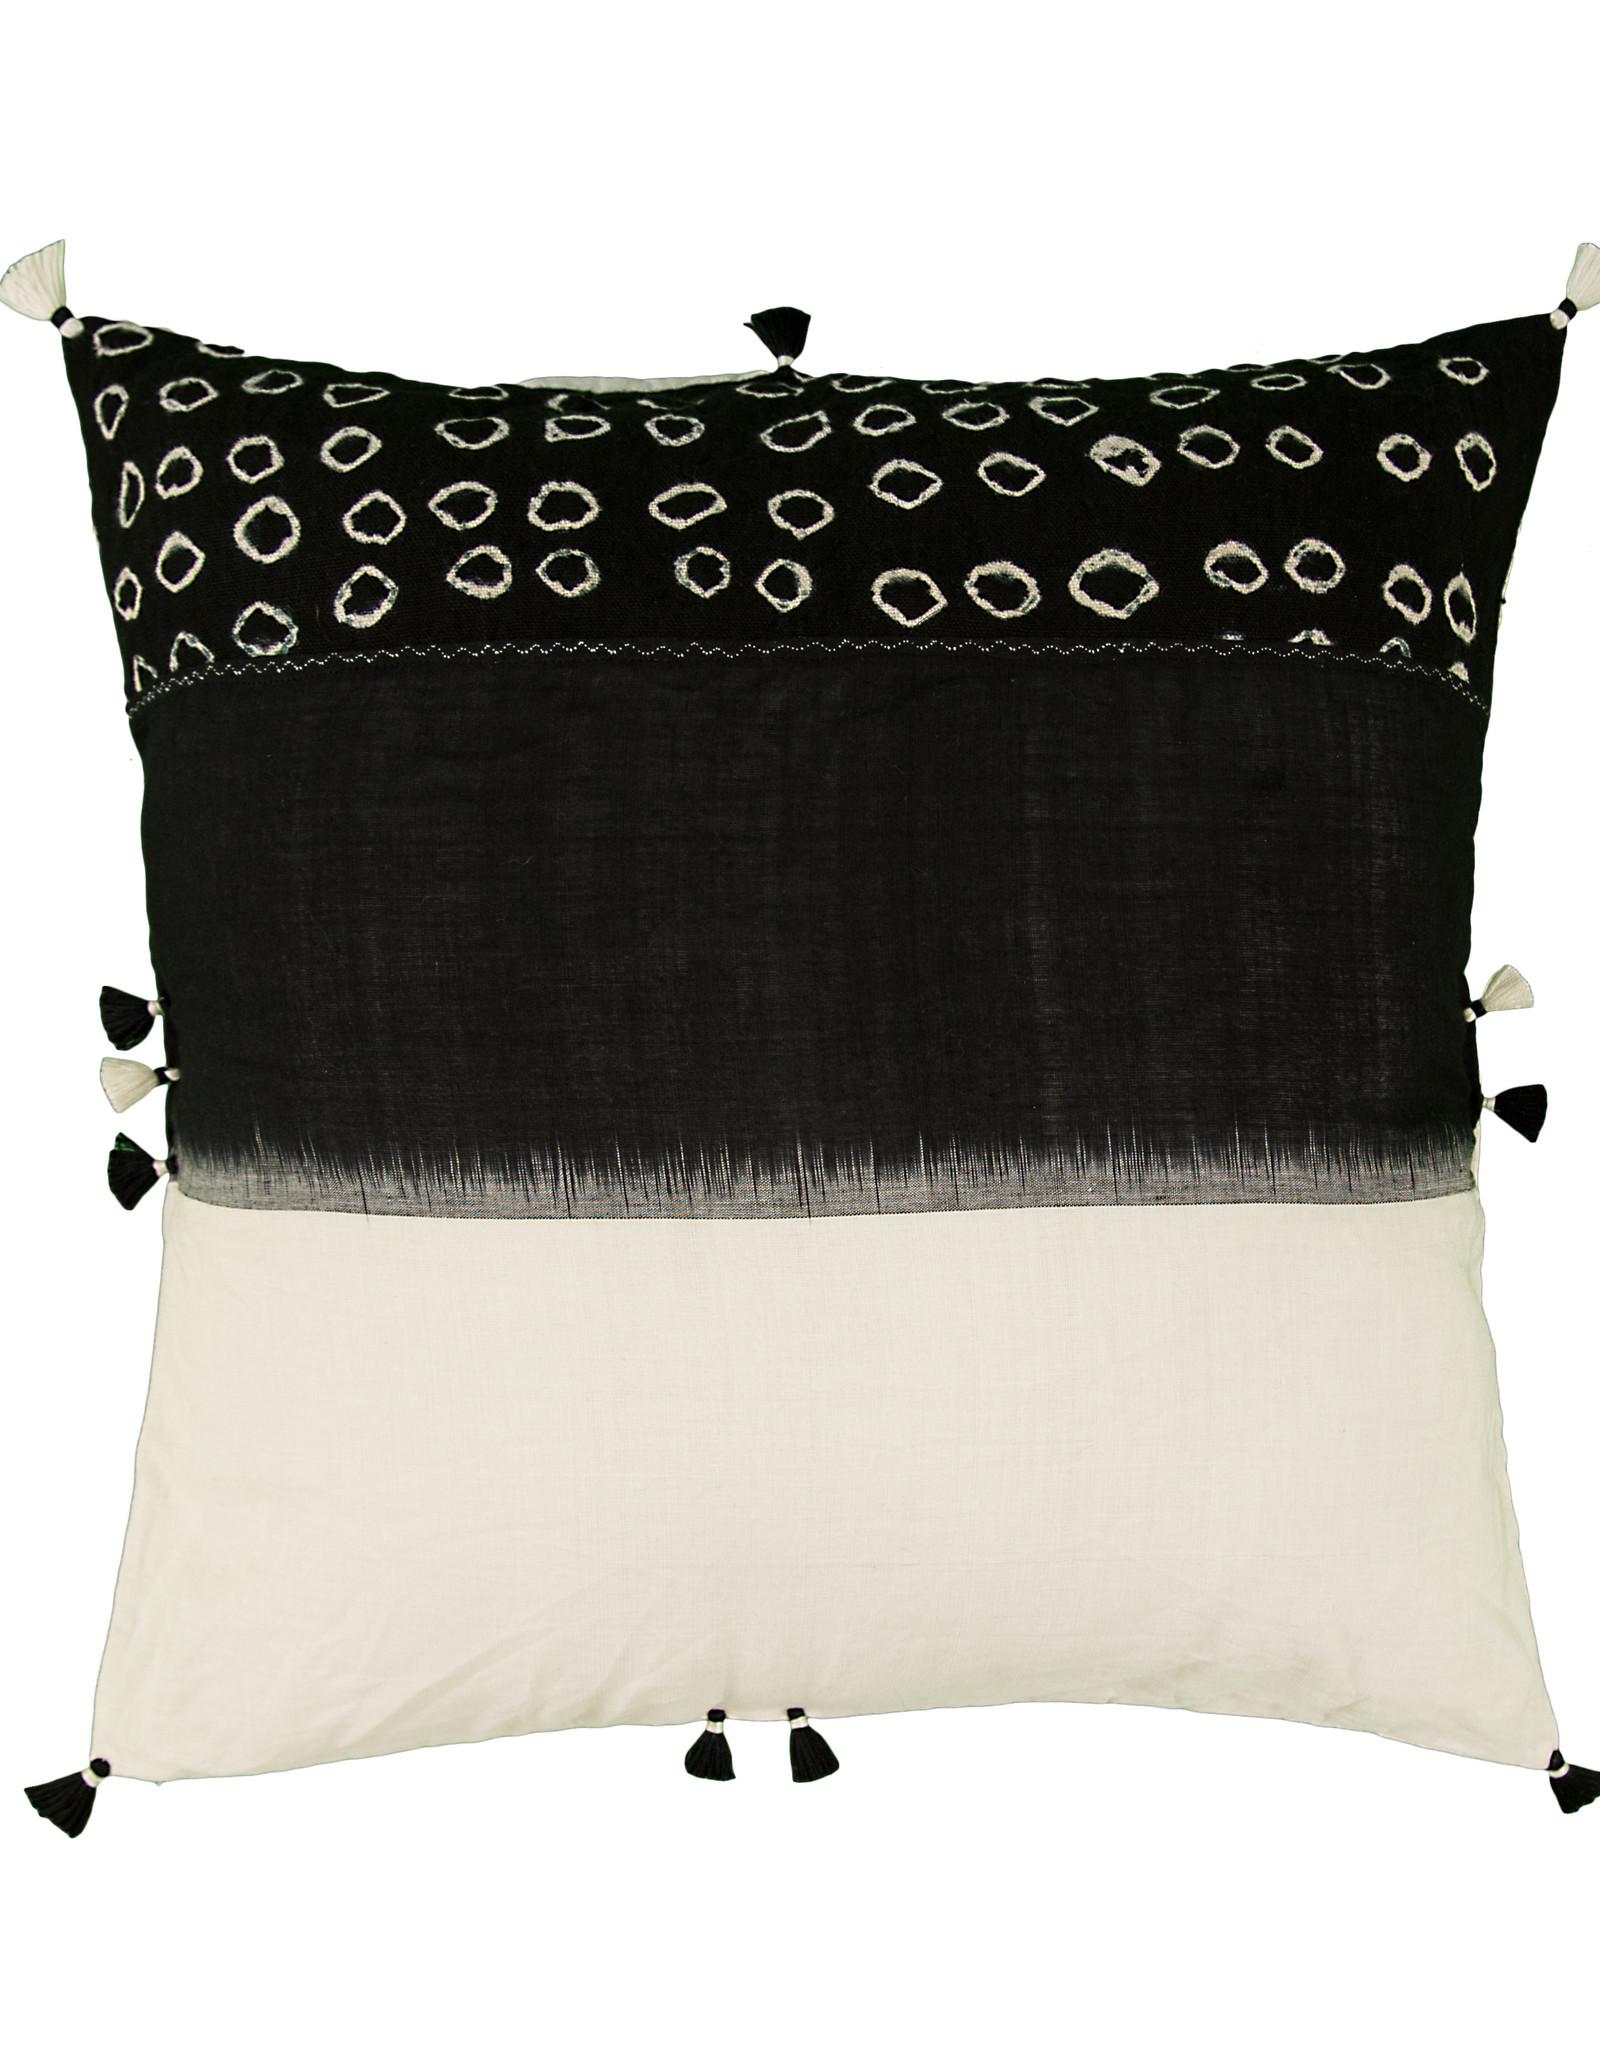 INJIRI Jat 11 Cushion Cover